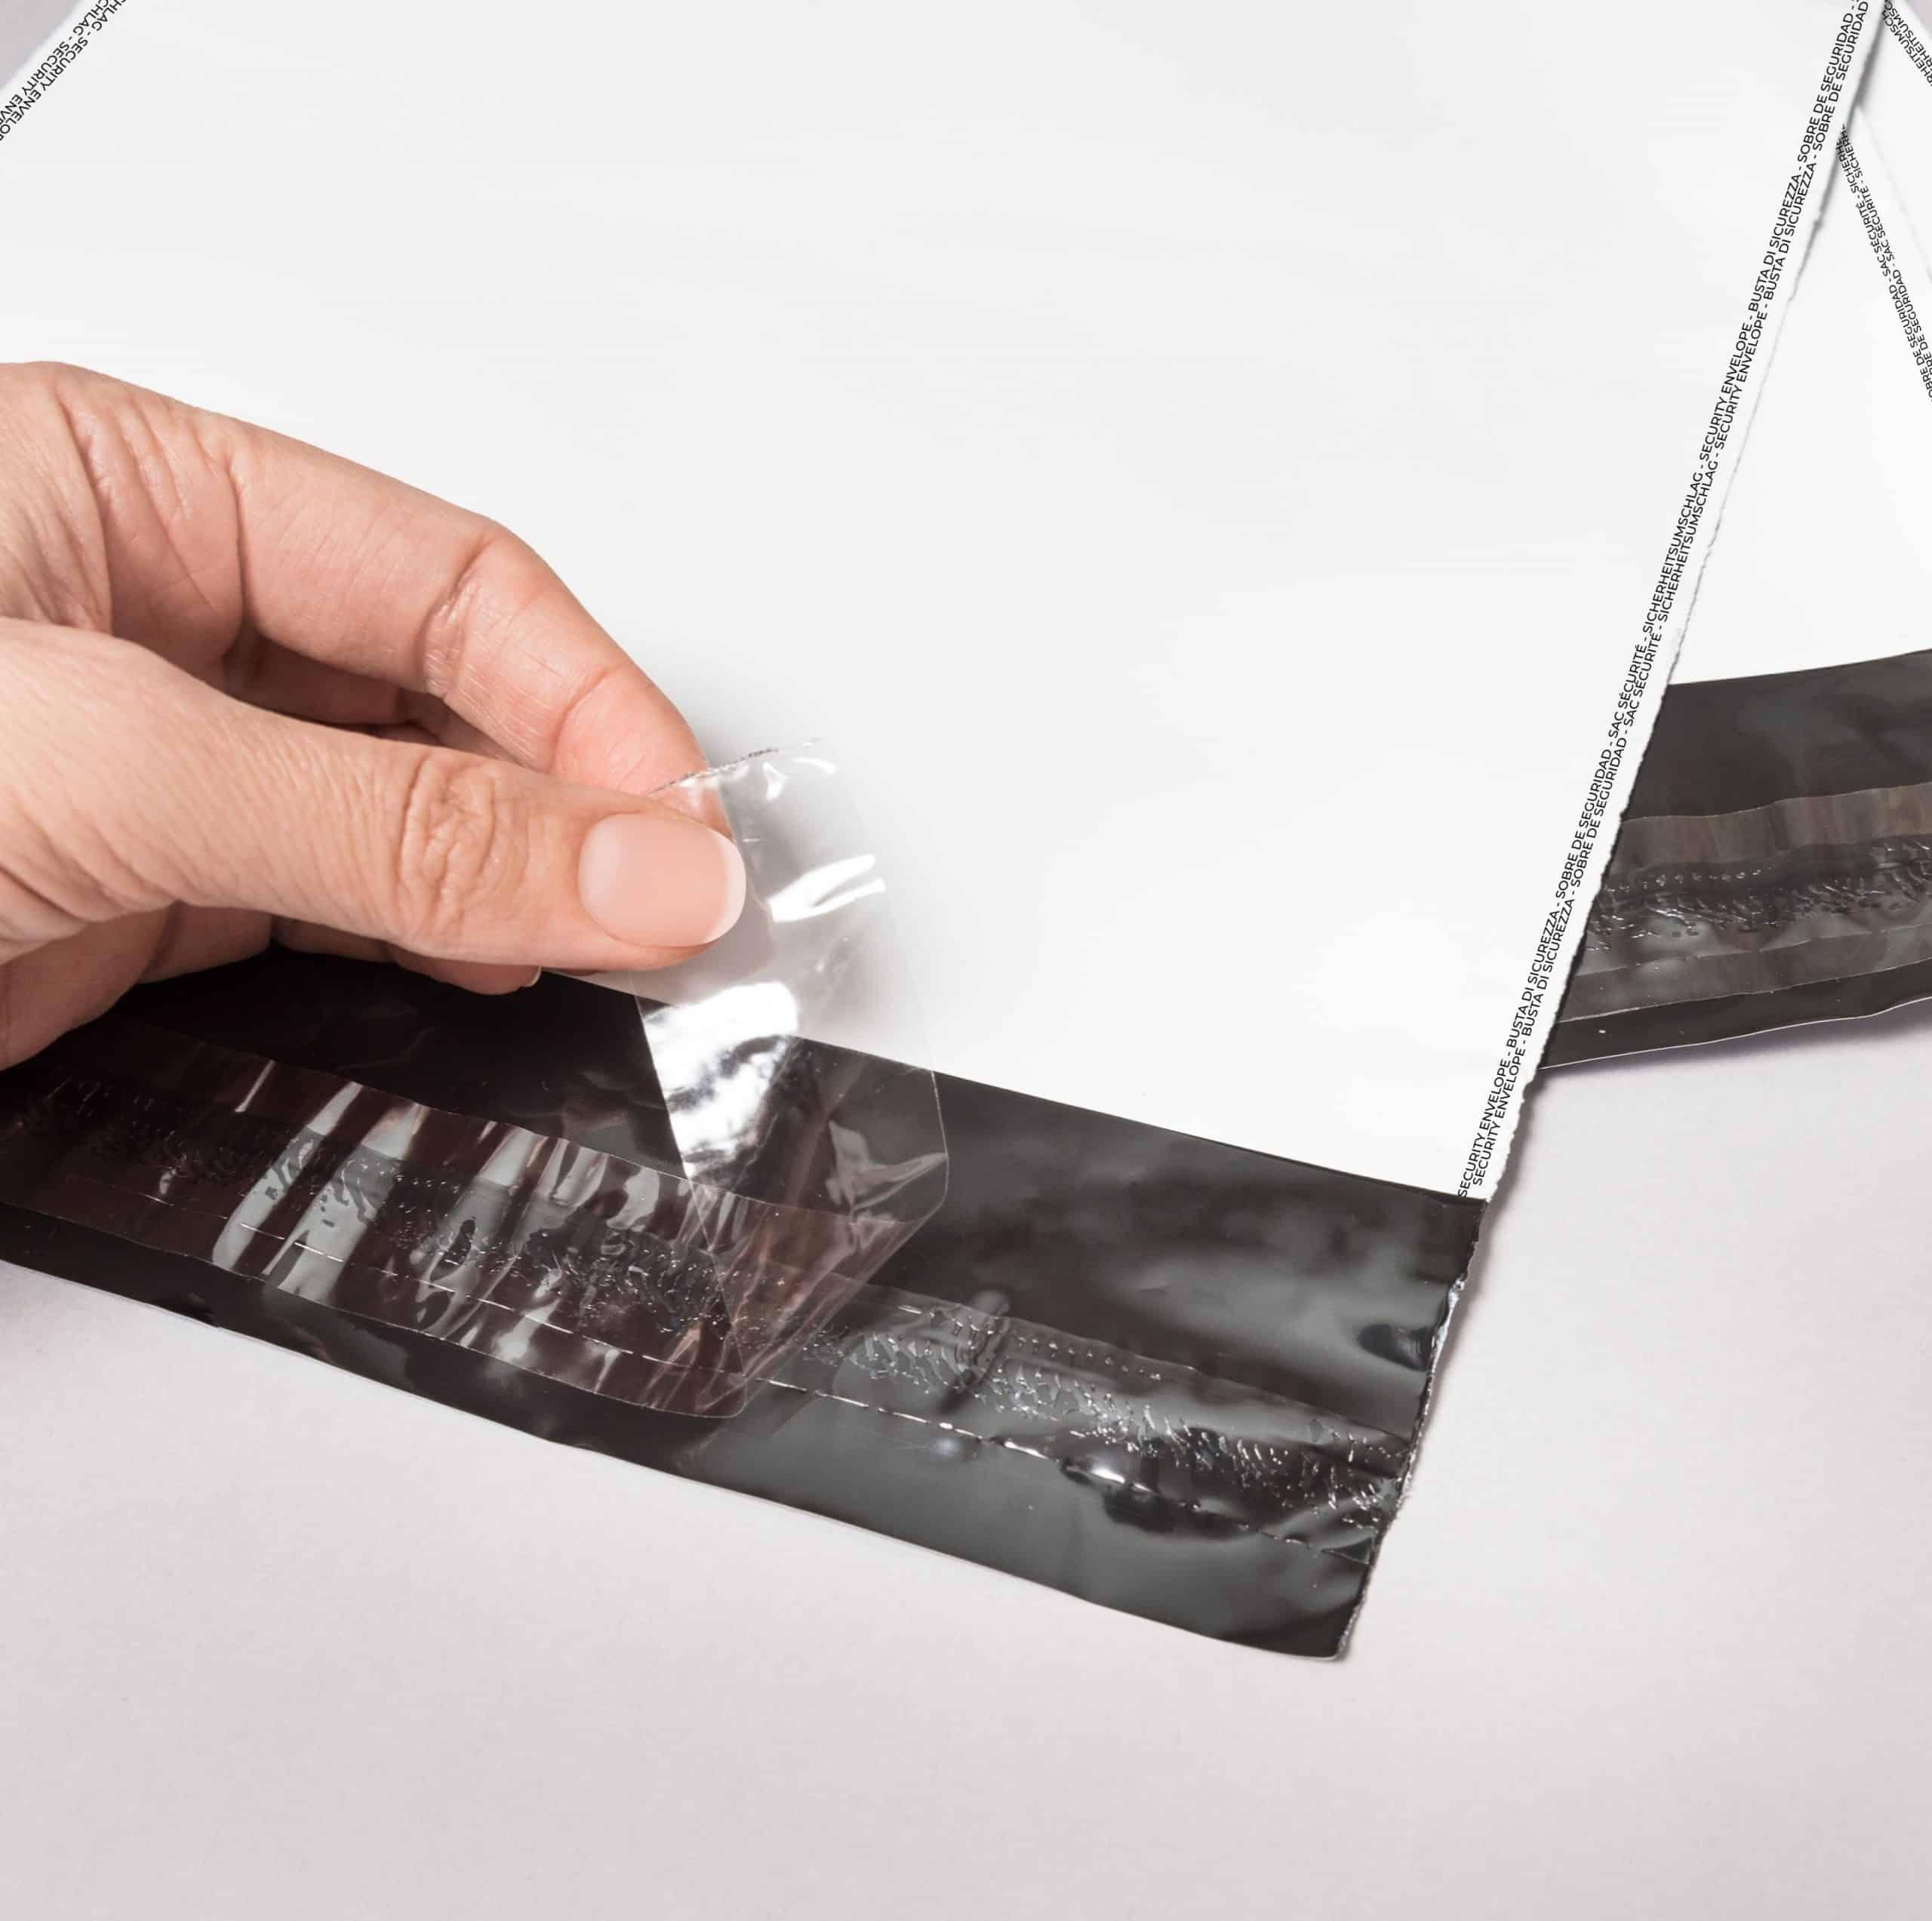 Busta di sicurezza adesivo permanente - shipping bags envelopes Oniloc